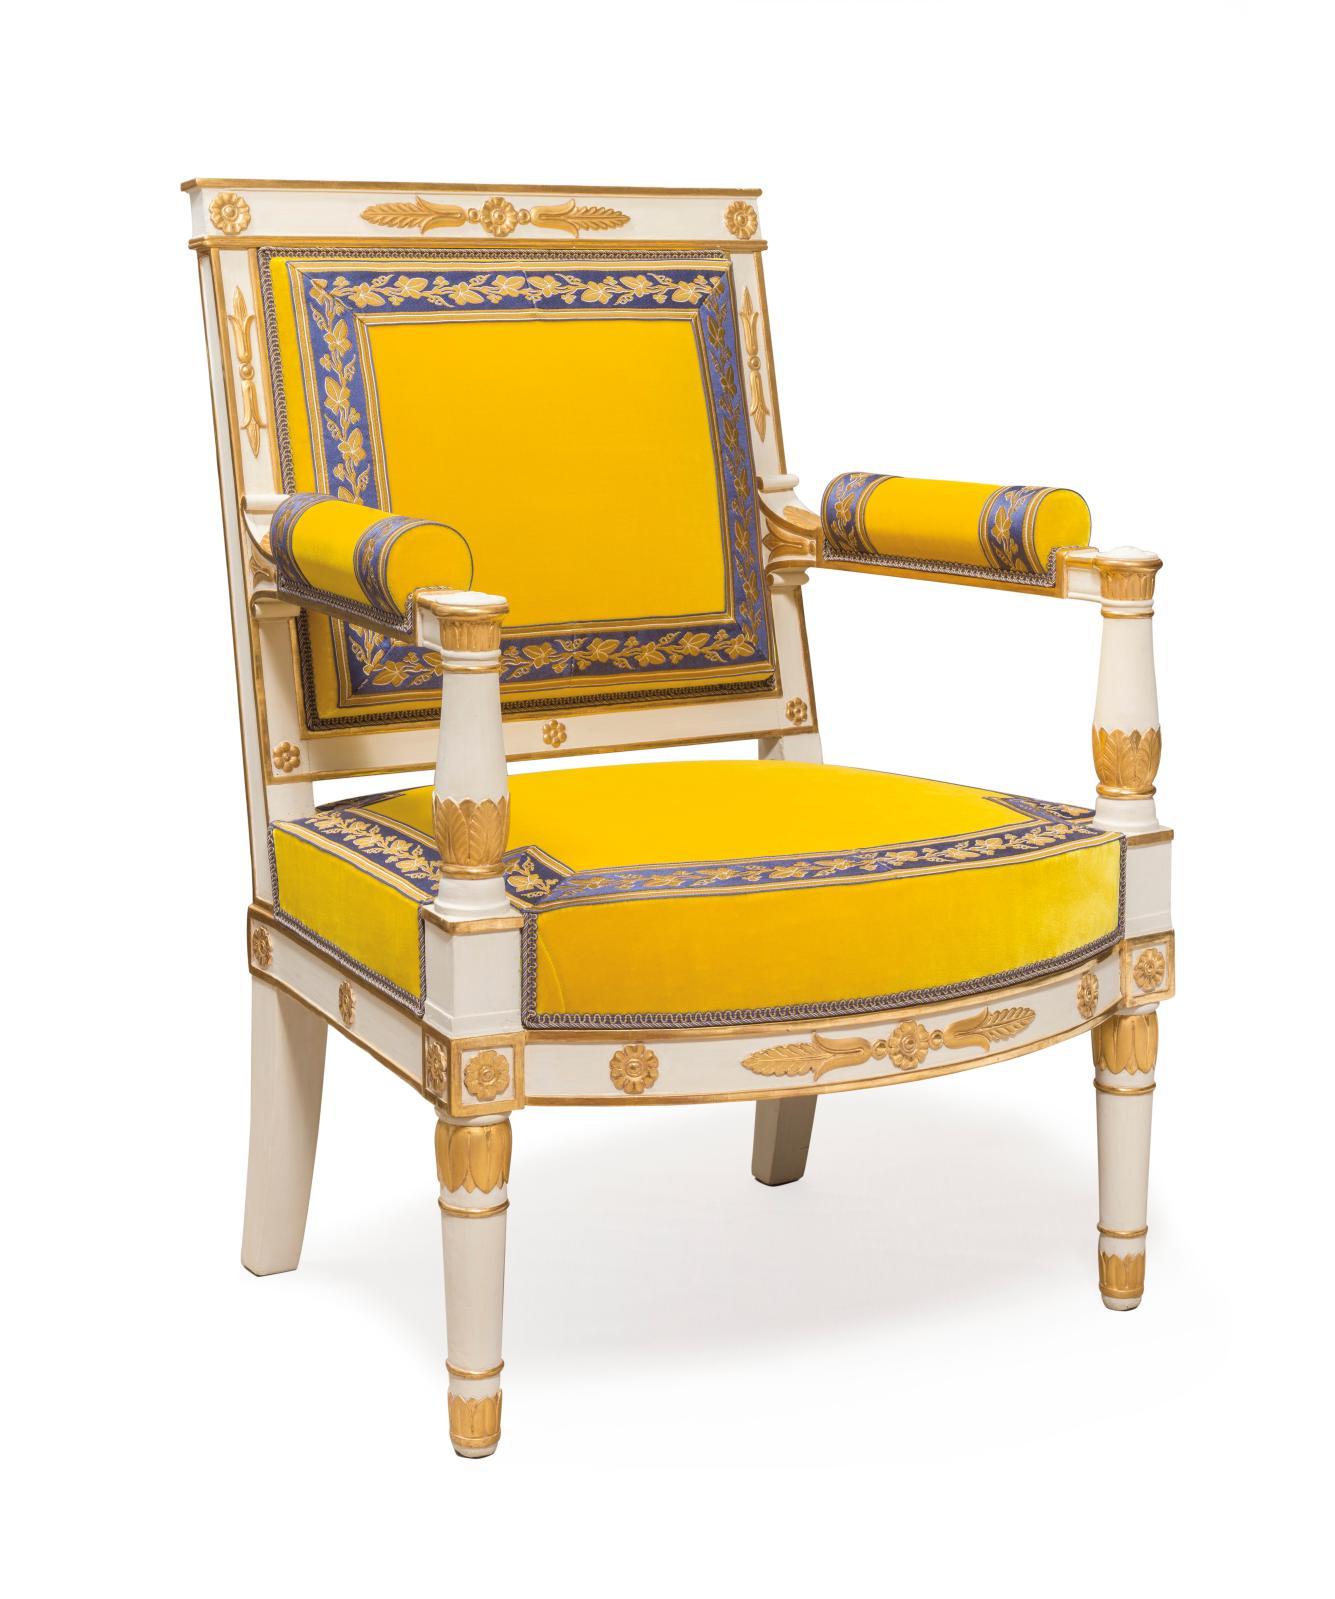 Fauteuil en bois peint en blanc rechampi en or, recouvert de velours jaune, légué en 1965 par la duchesse de Massa, Versailles, musée national des châ